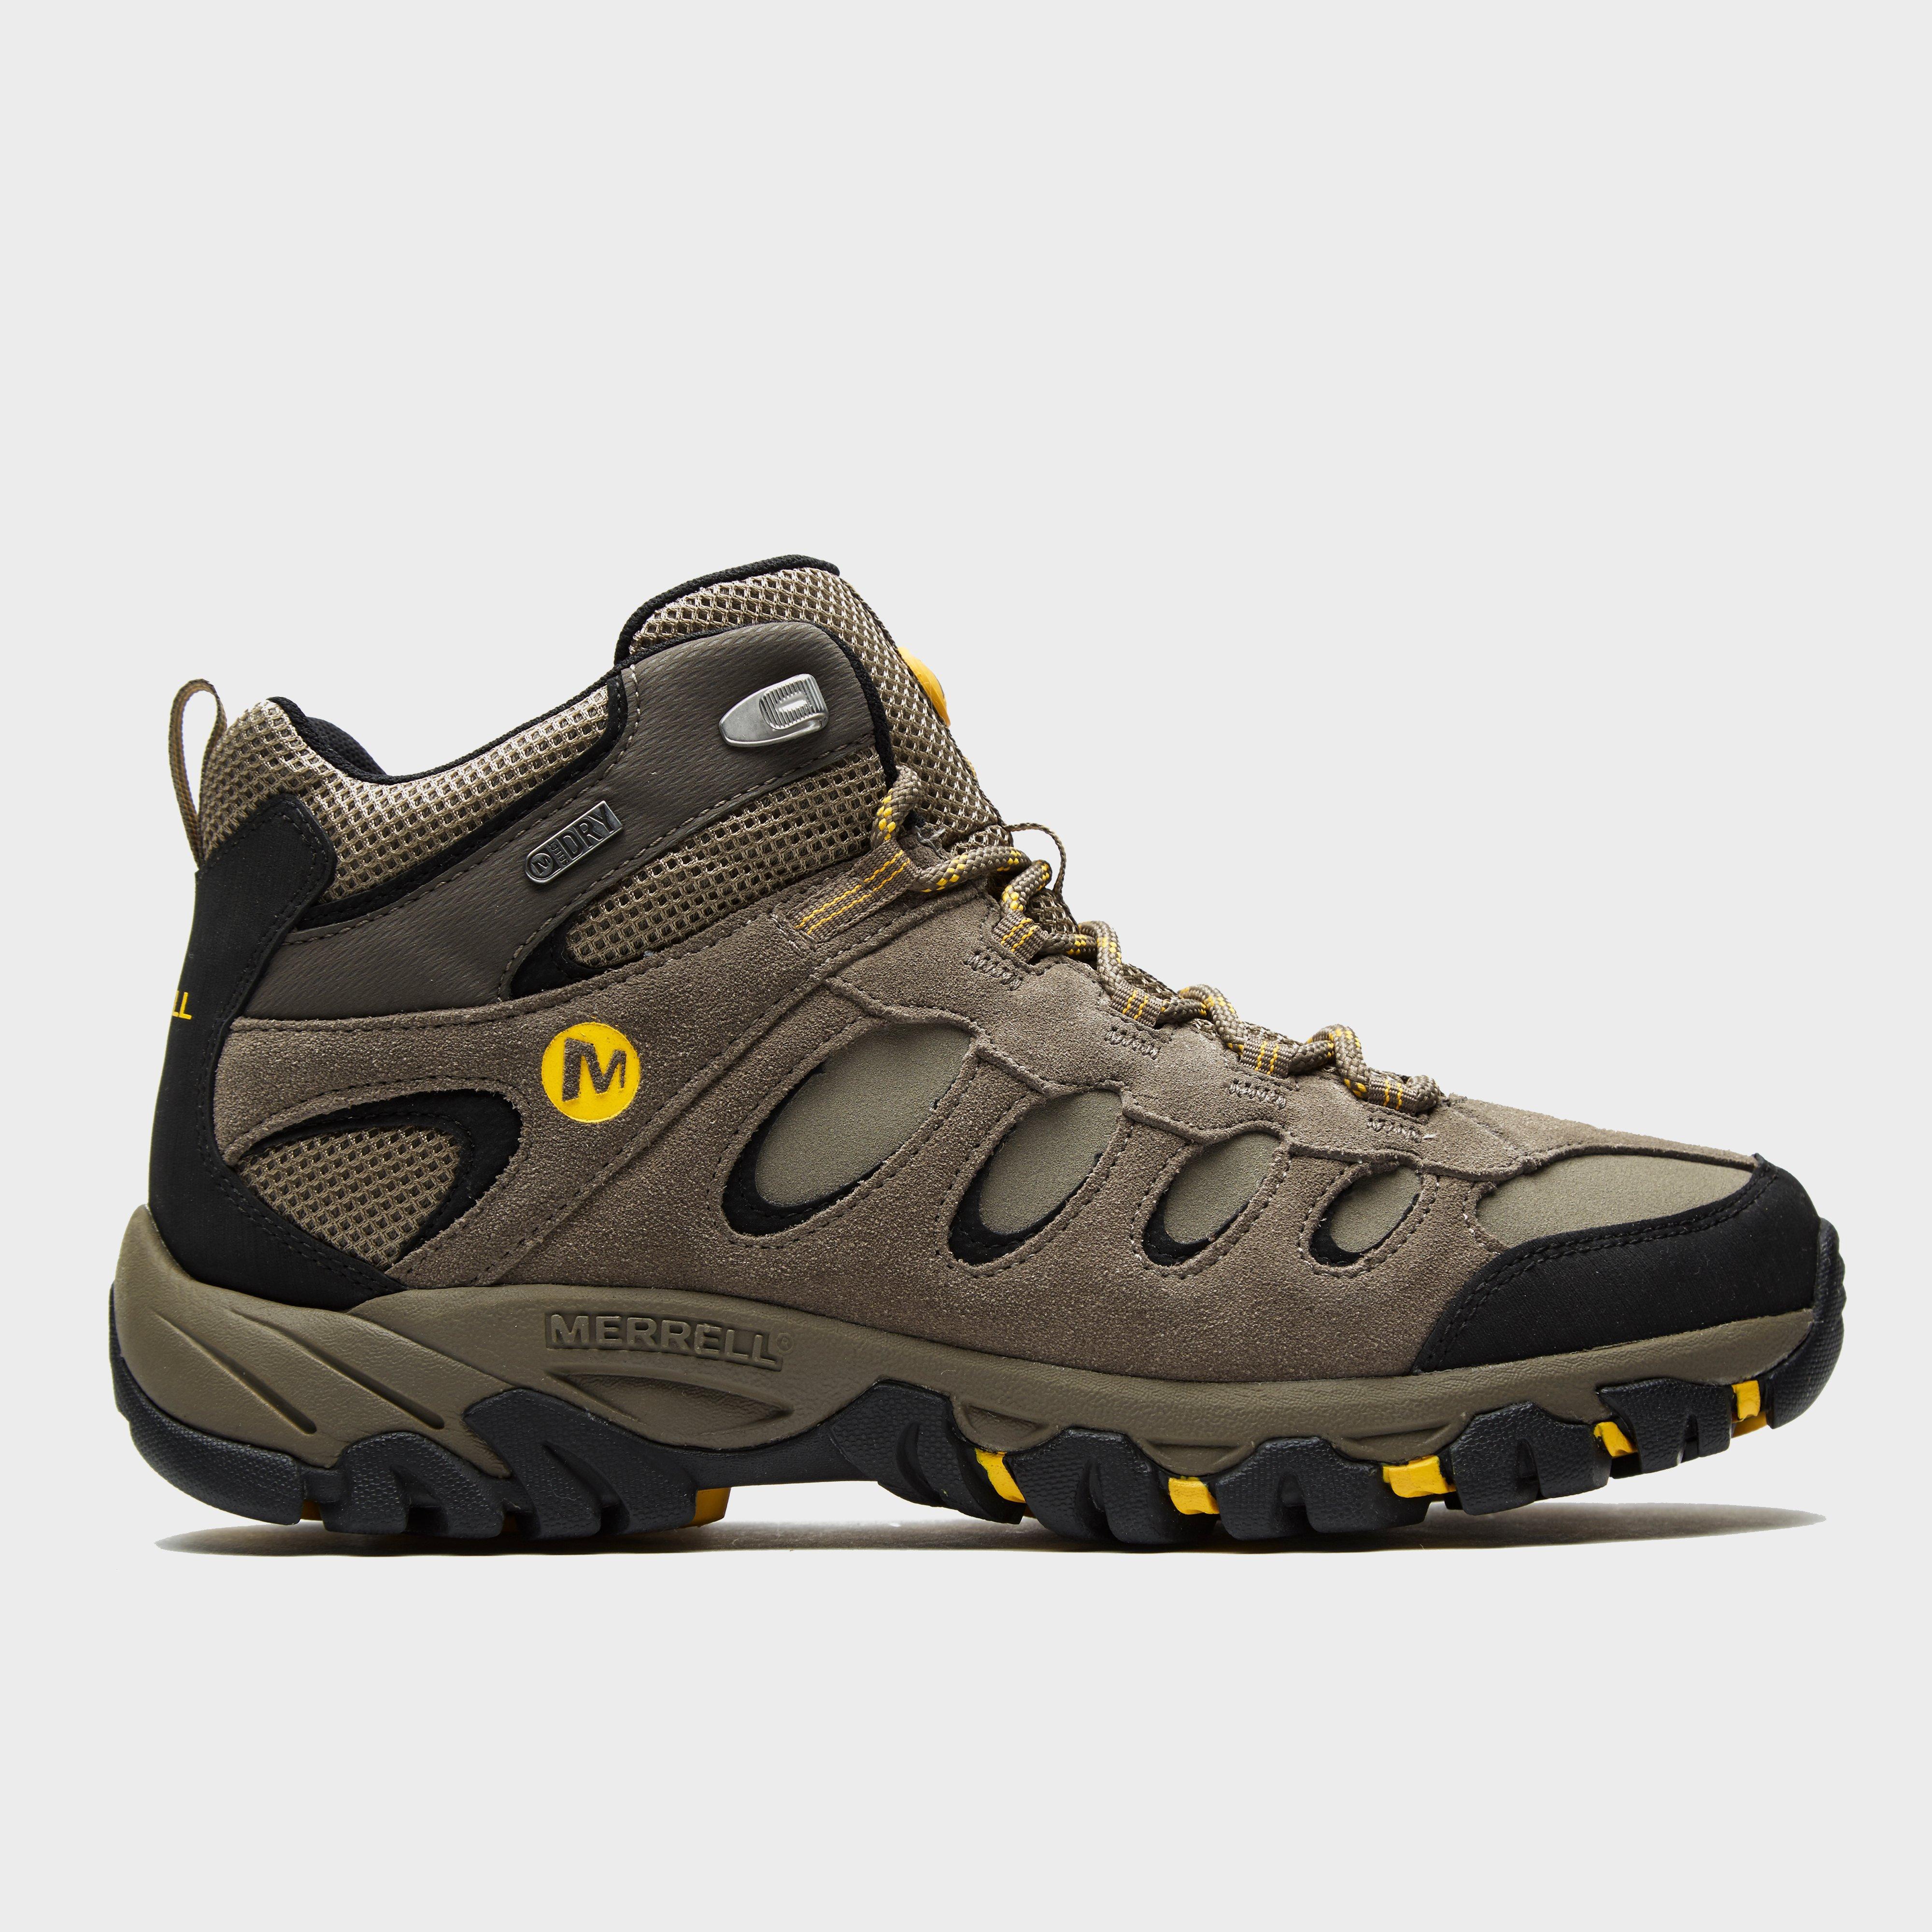 Merrell Men S Ridgepass Mid Waterproof Shoes